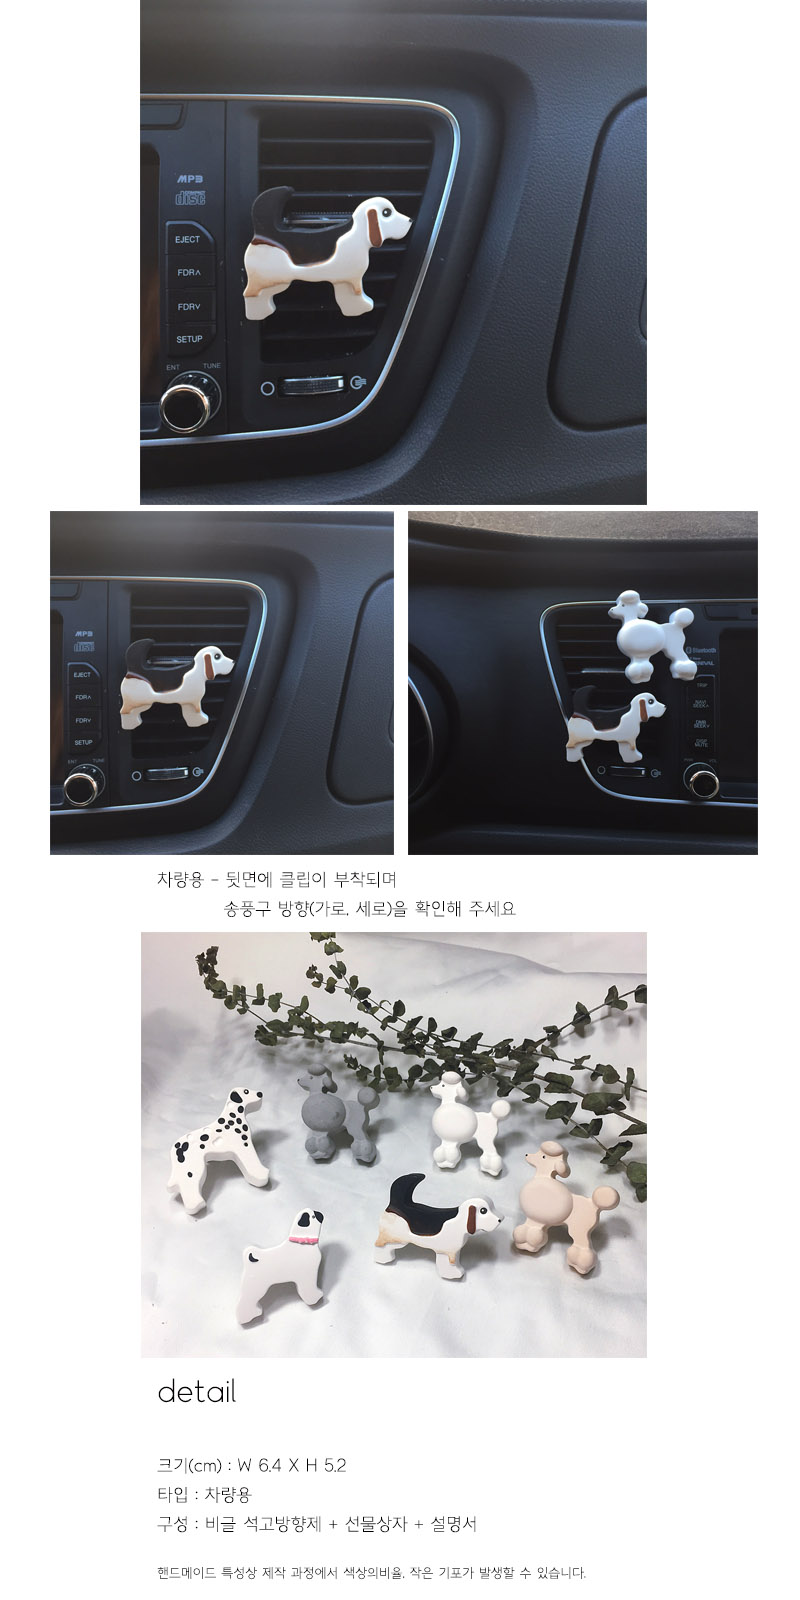 강아지 - 비글 차량용 석고방향제 - 커밍캔들, 7,000원, 방향제, 석고방향제